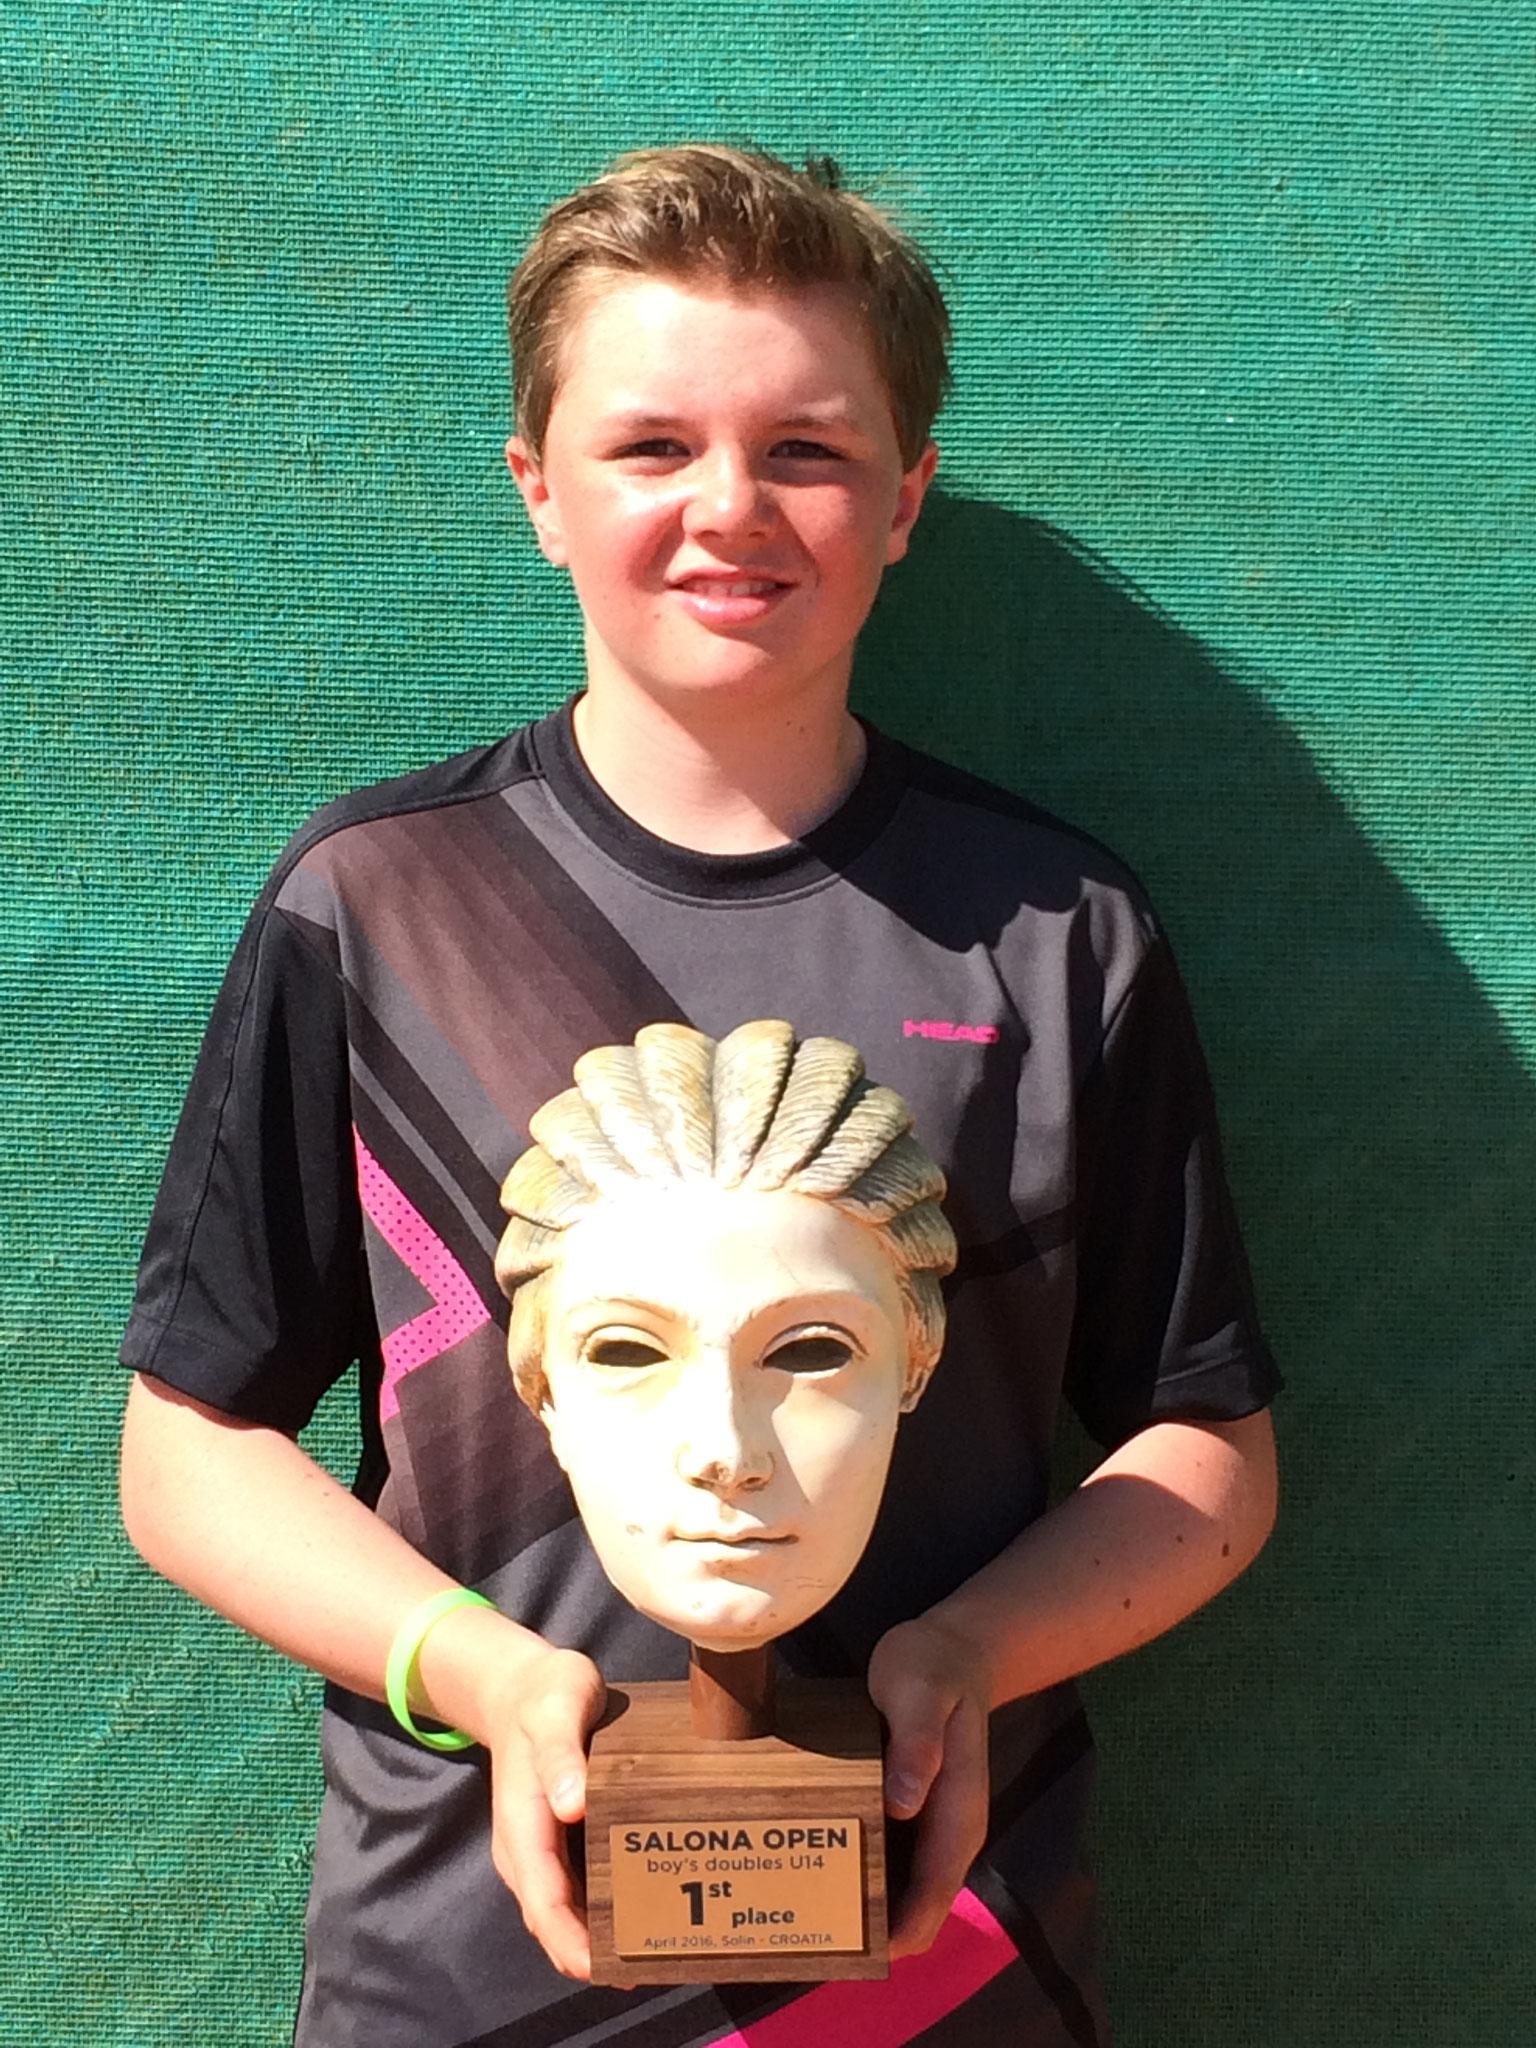 Erster internationaler Titel für Dominic.